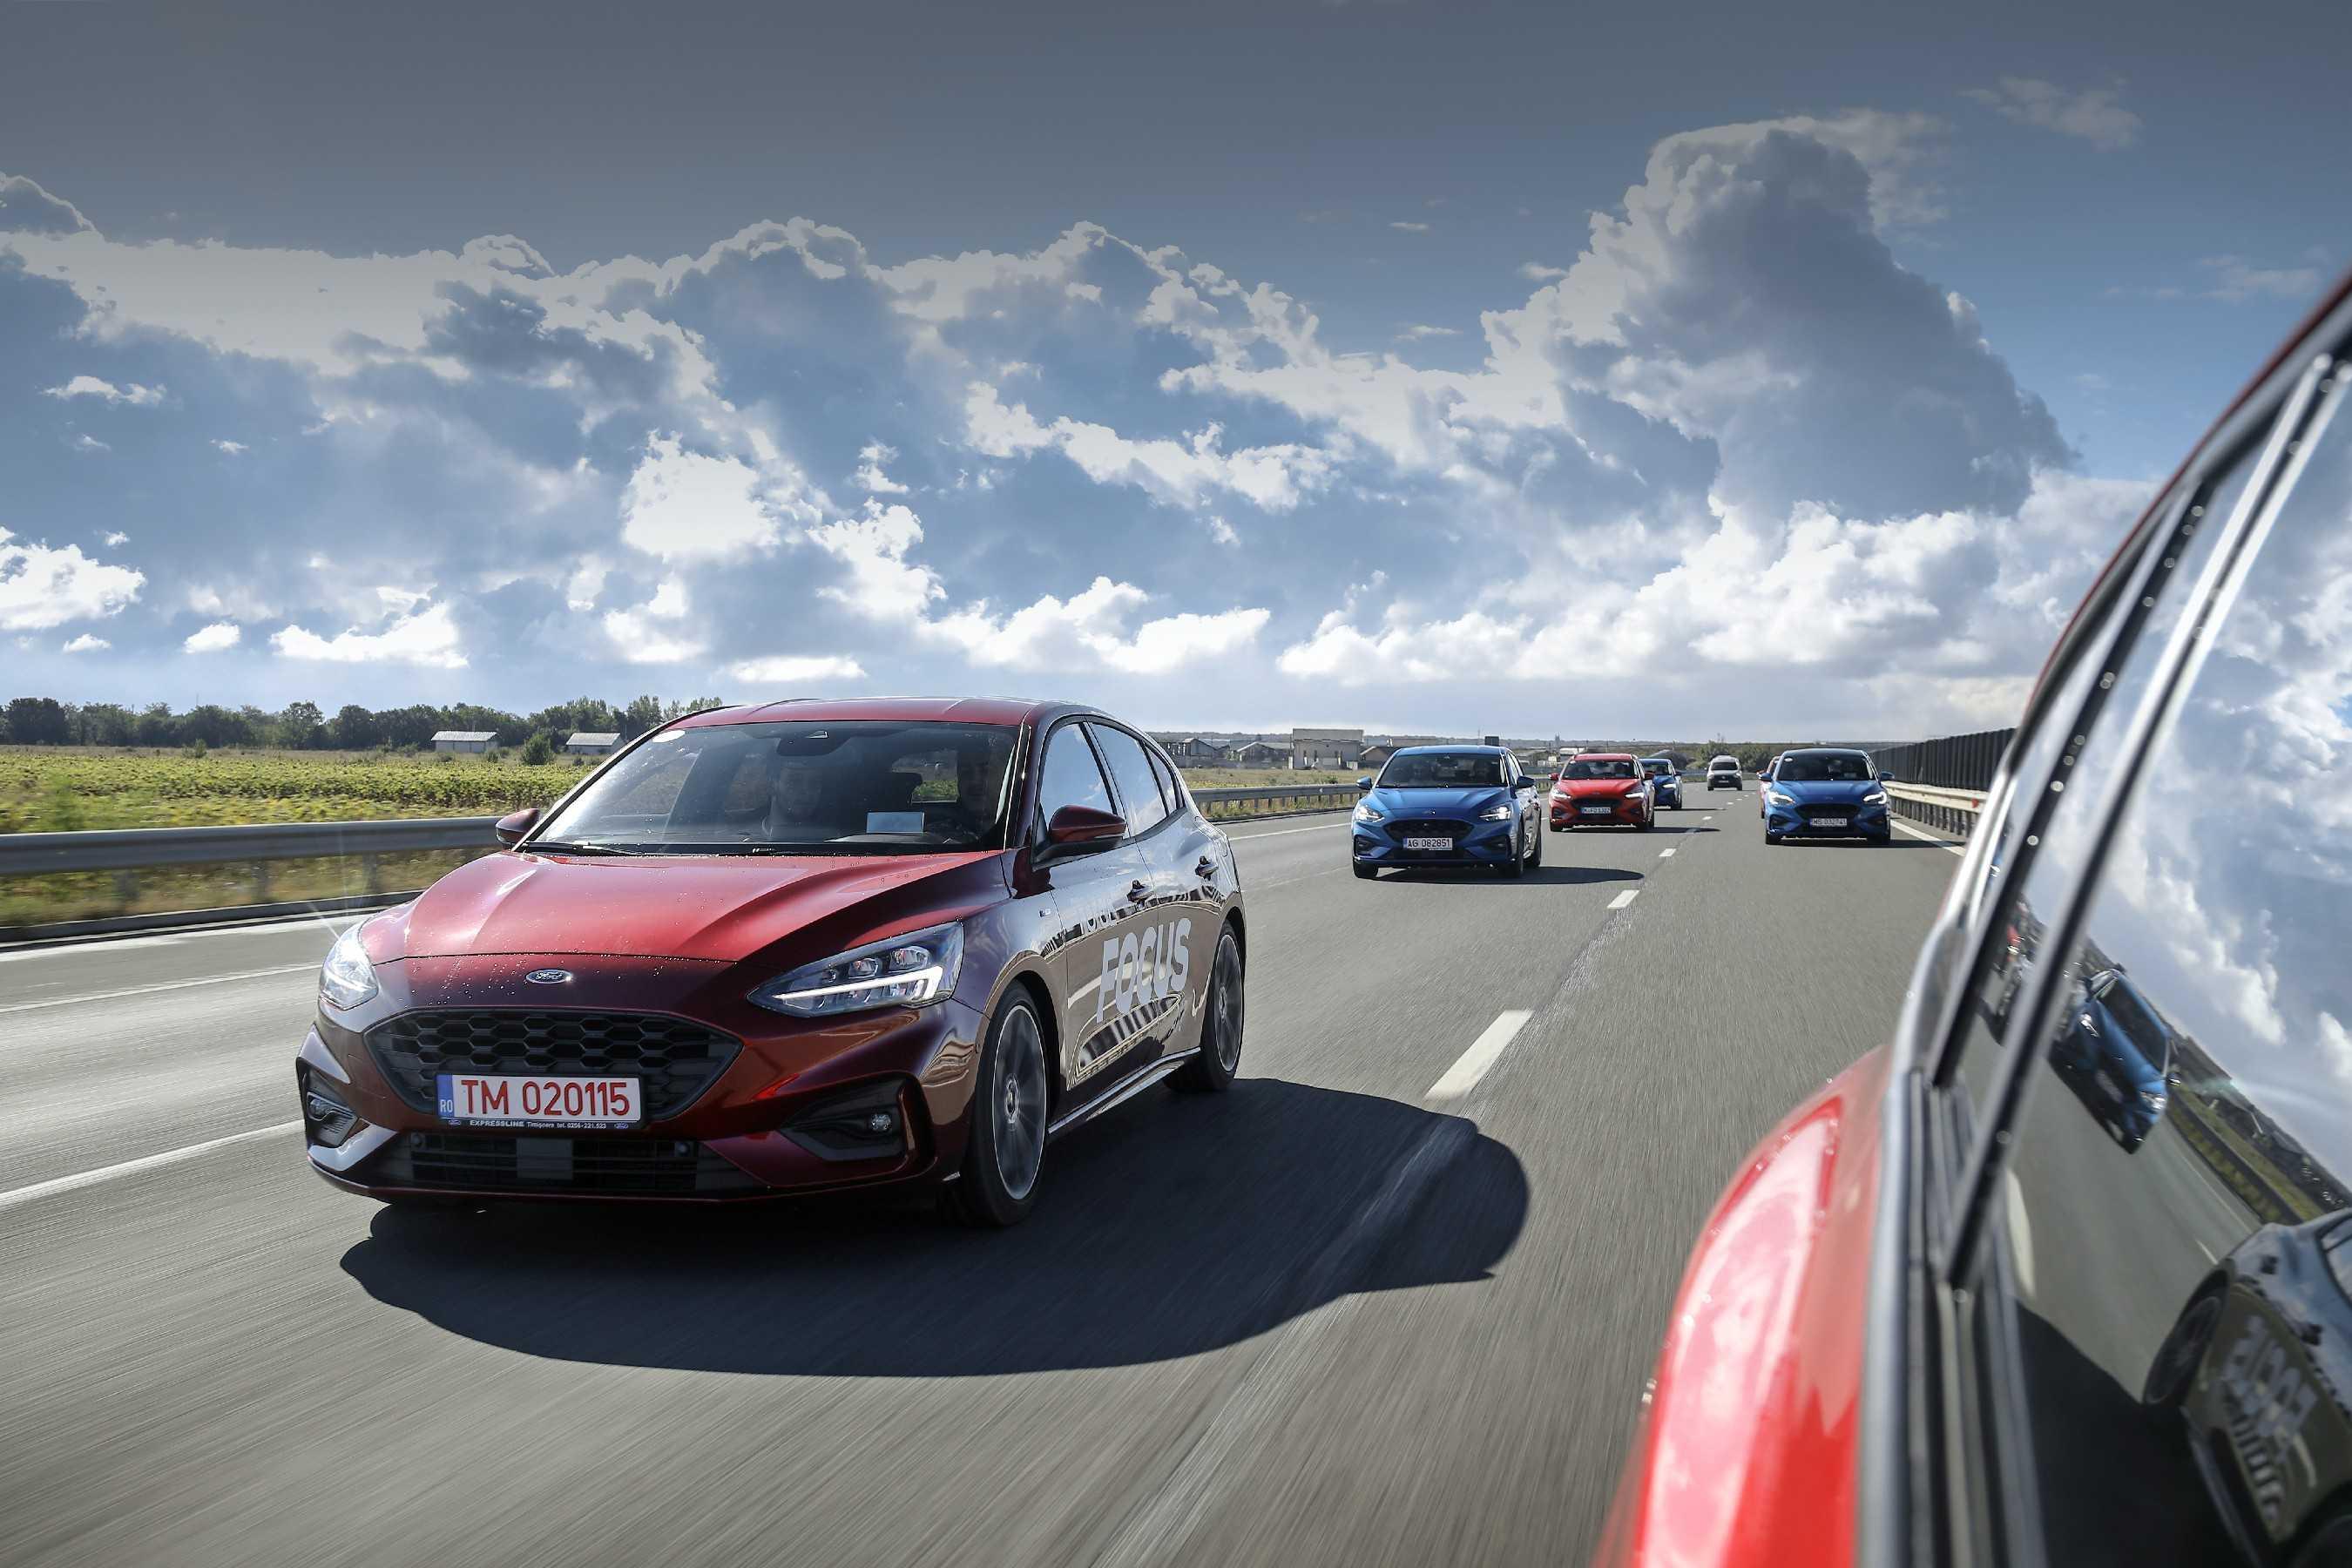 Возможности маленького трех цилиндрового бензинового мотора со спортивной ходовой мы выясним на примере Ford Focus в исполнении ST Line